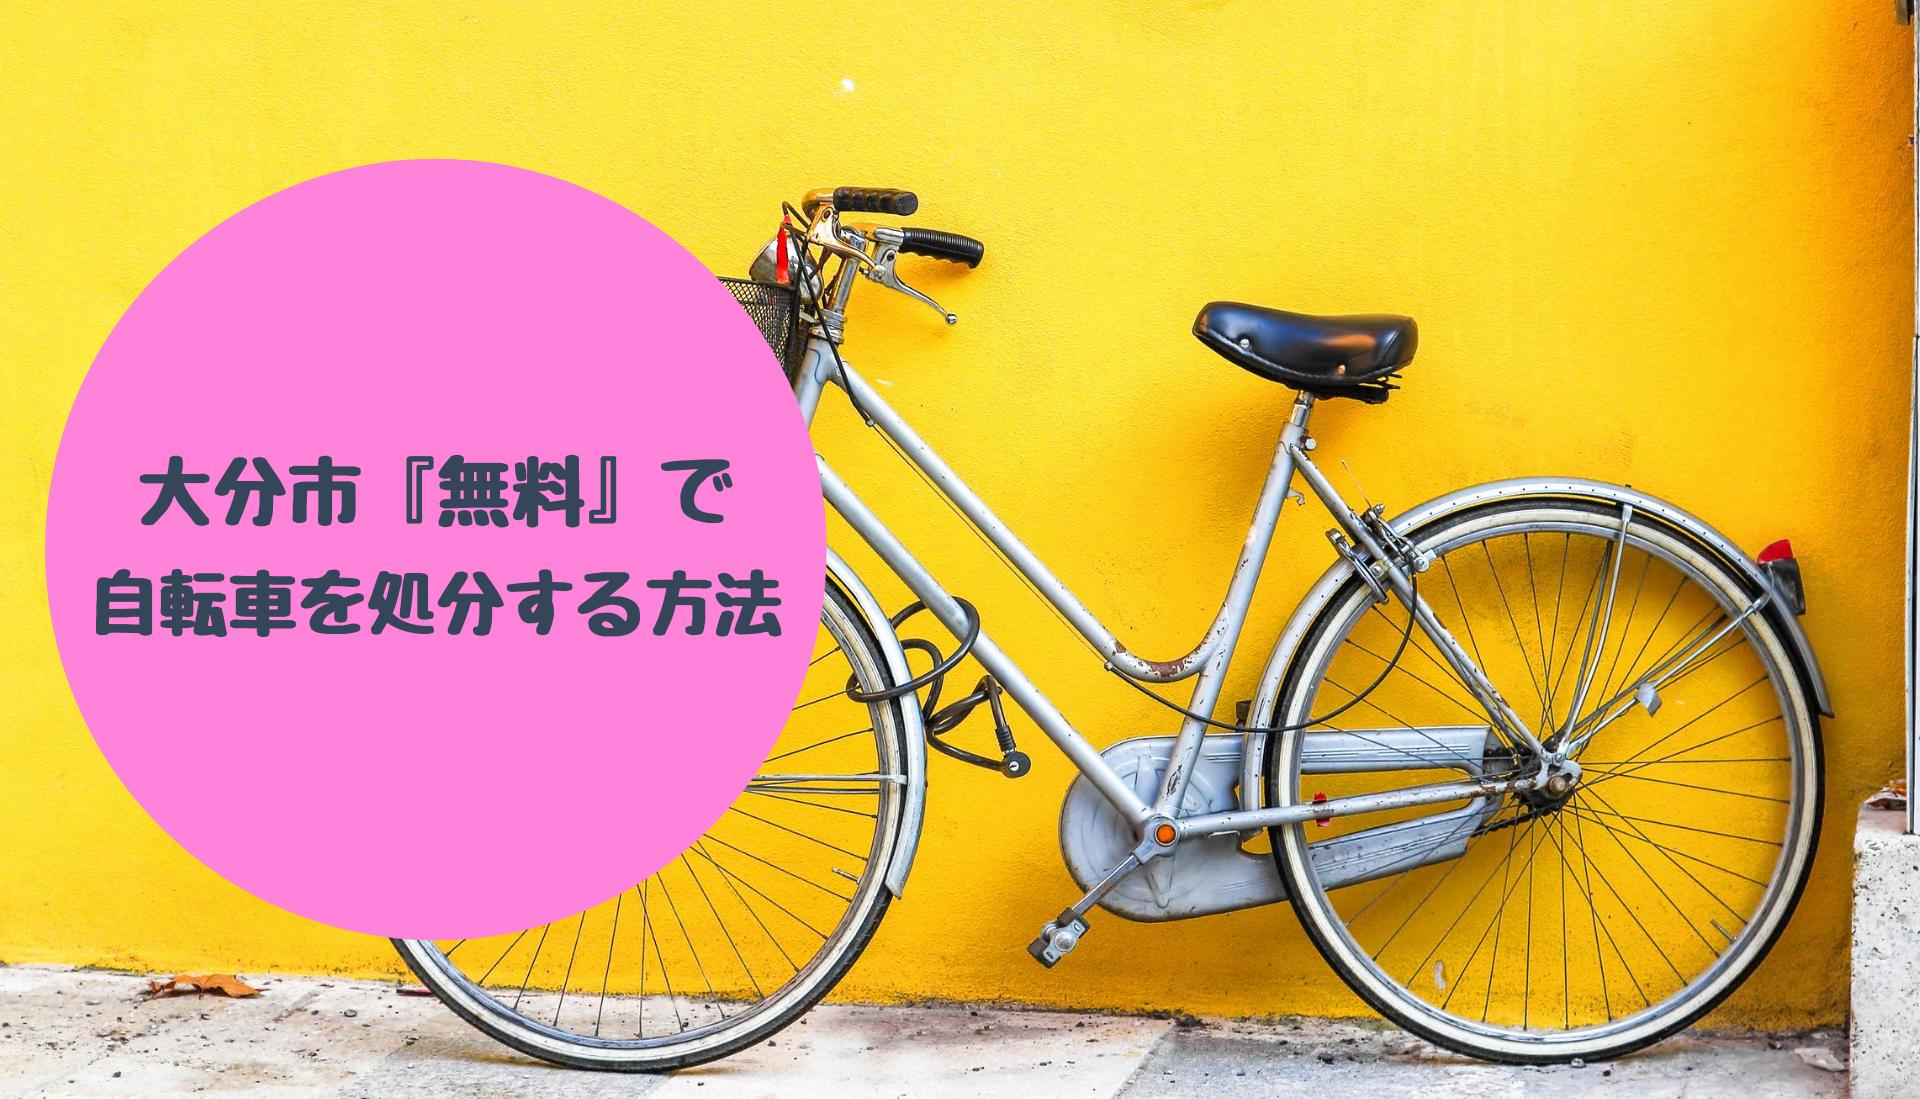 無料で自転車を処分する方法